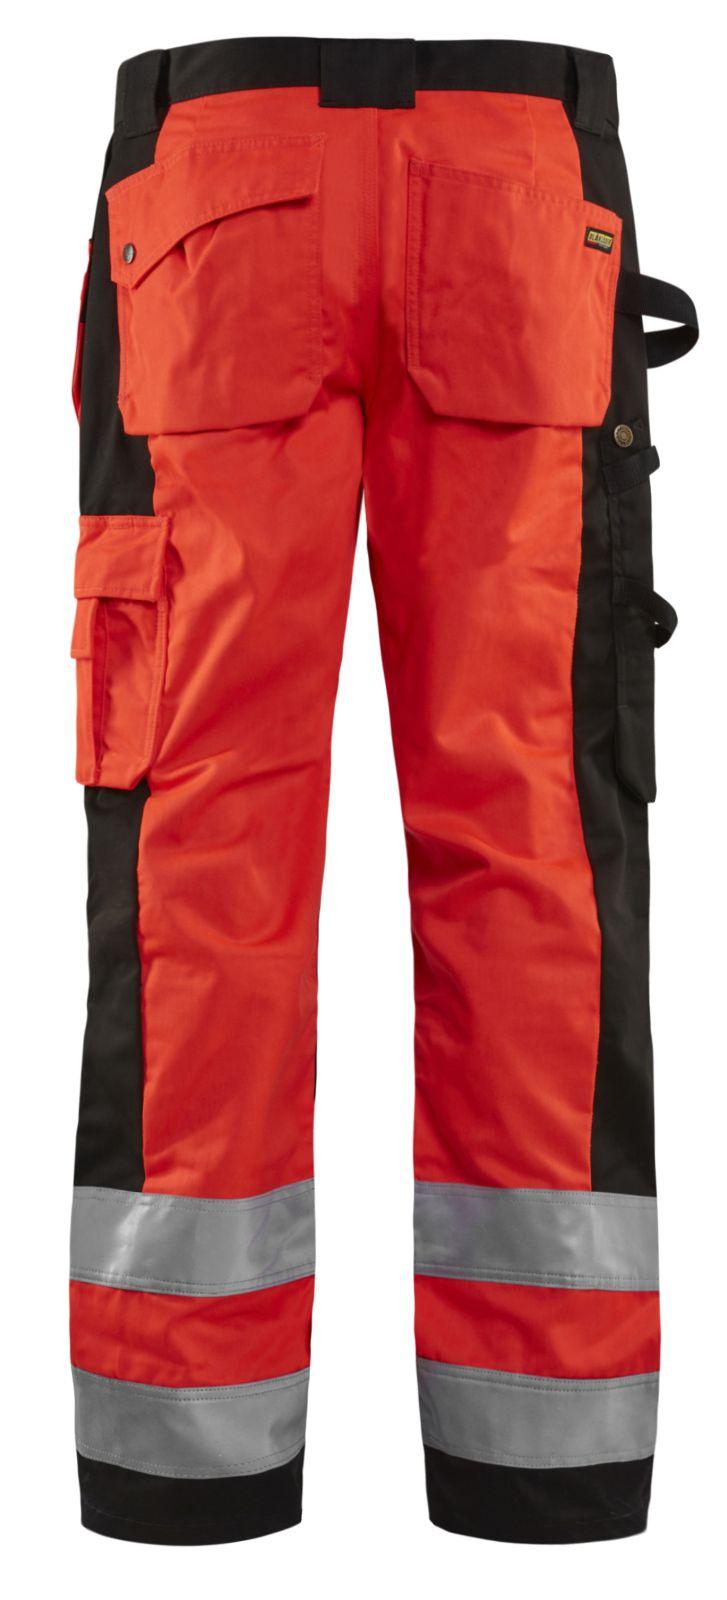 Blaklader Broeken 15331860 High Vis fluo rood-zwart(5599)